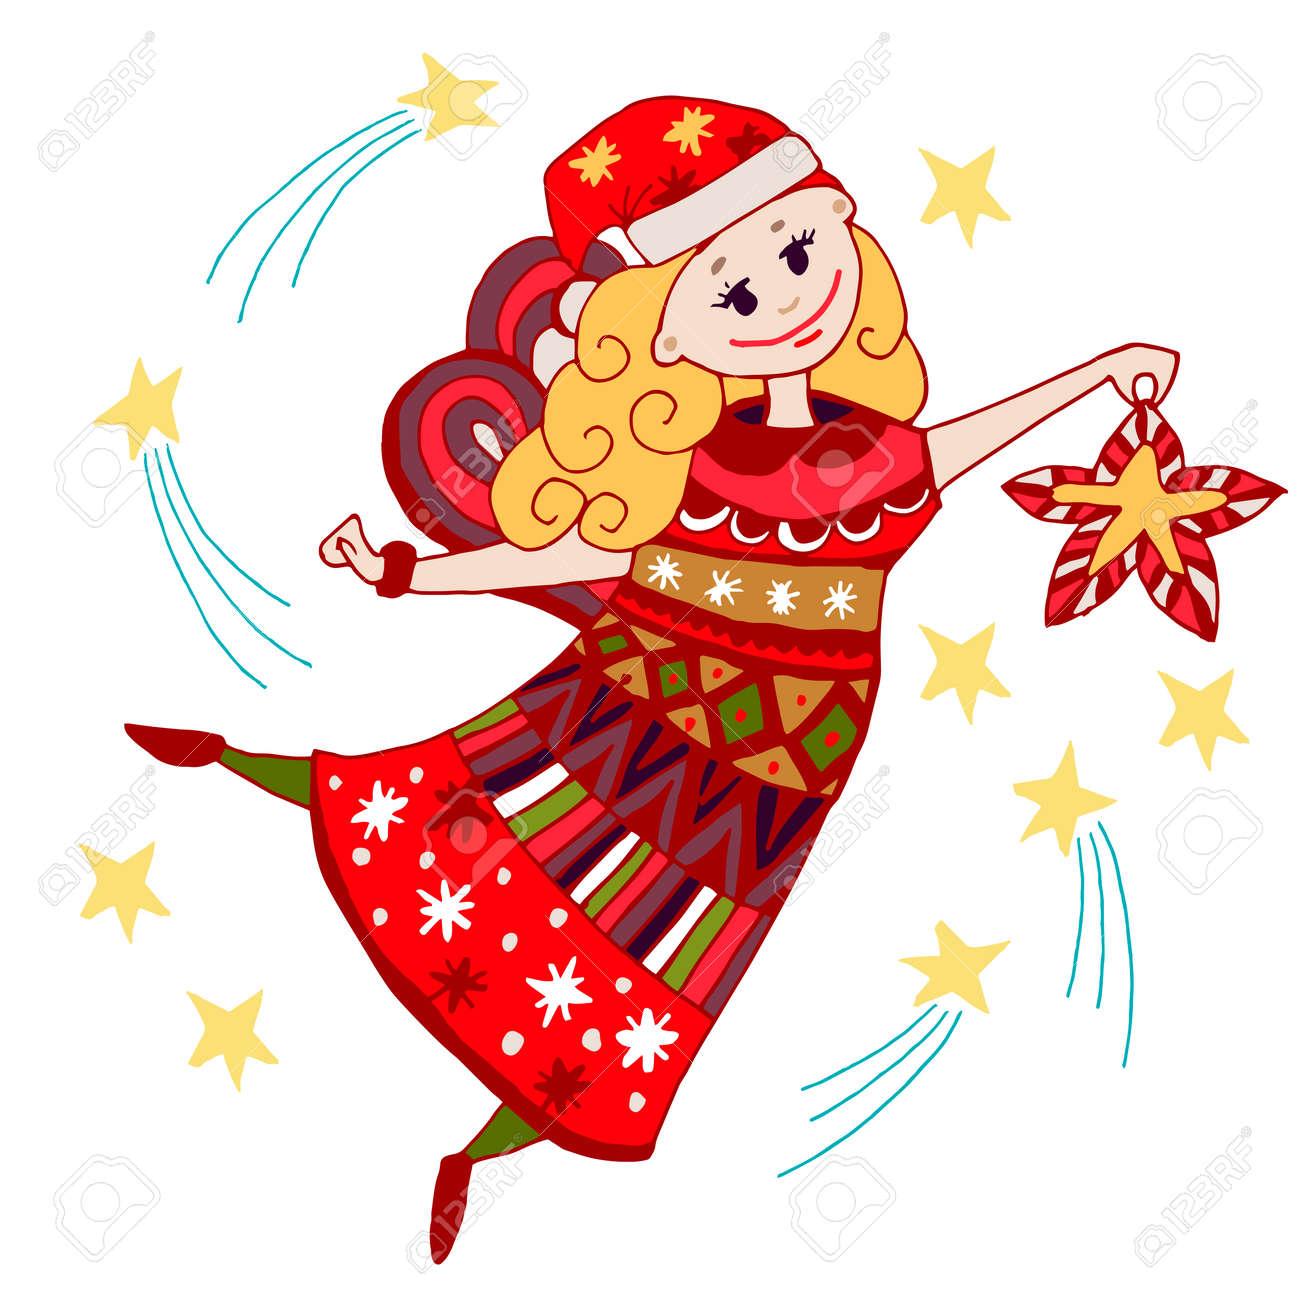 Estilo De Dibujos Animados Drenados Coloreado Navidad Del ángel Hada Ilustración Sobre Fondo Blanco Elemento Para Niños Y Adultos Libro De